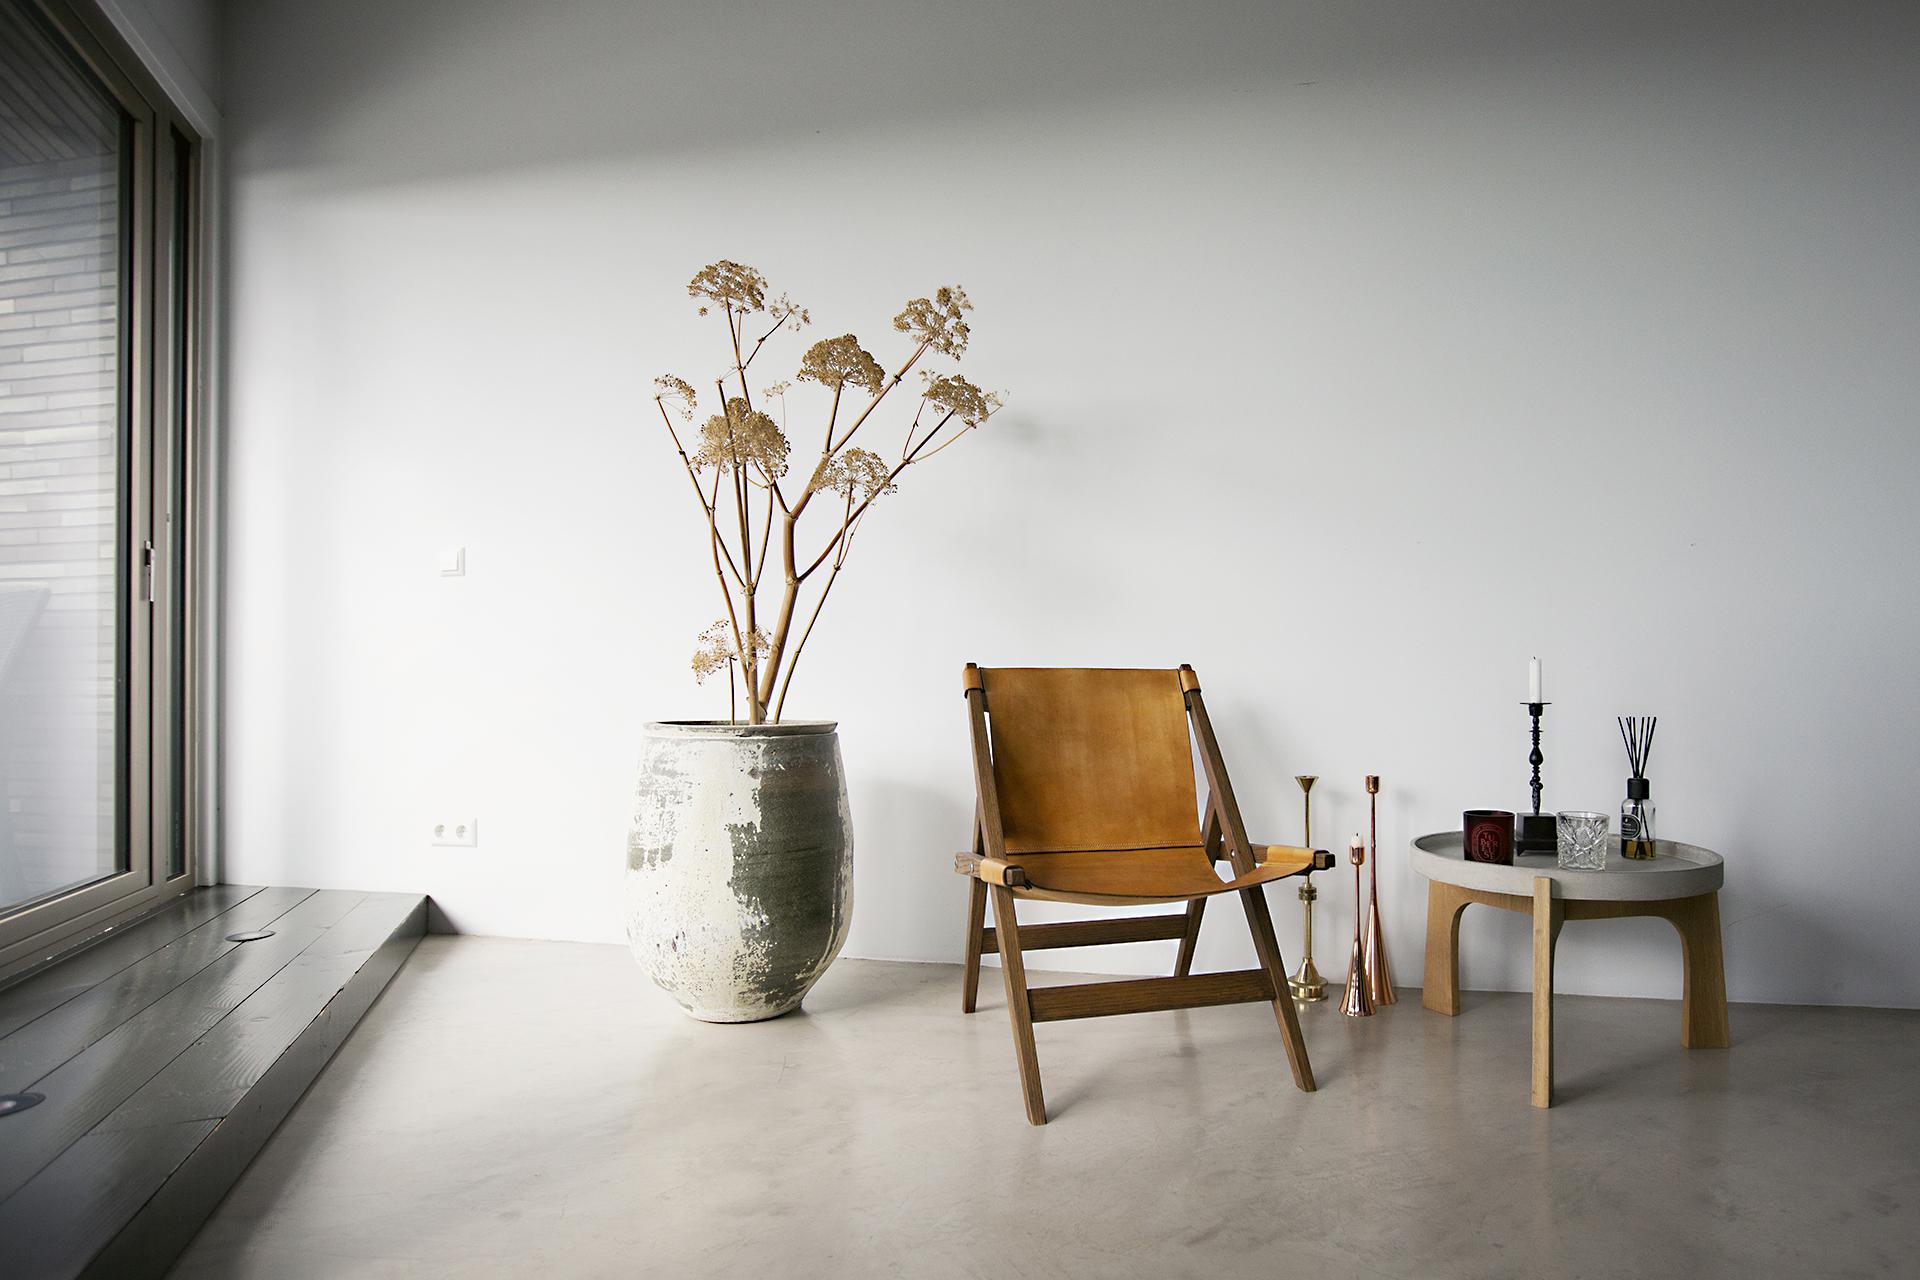 capaz-mirandakoopman-interieur-fotografie-MarcovanZal-3721def